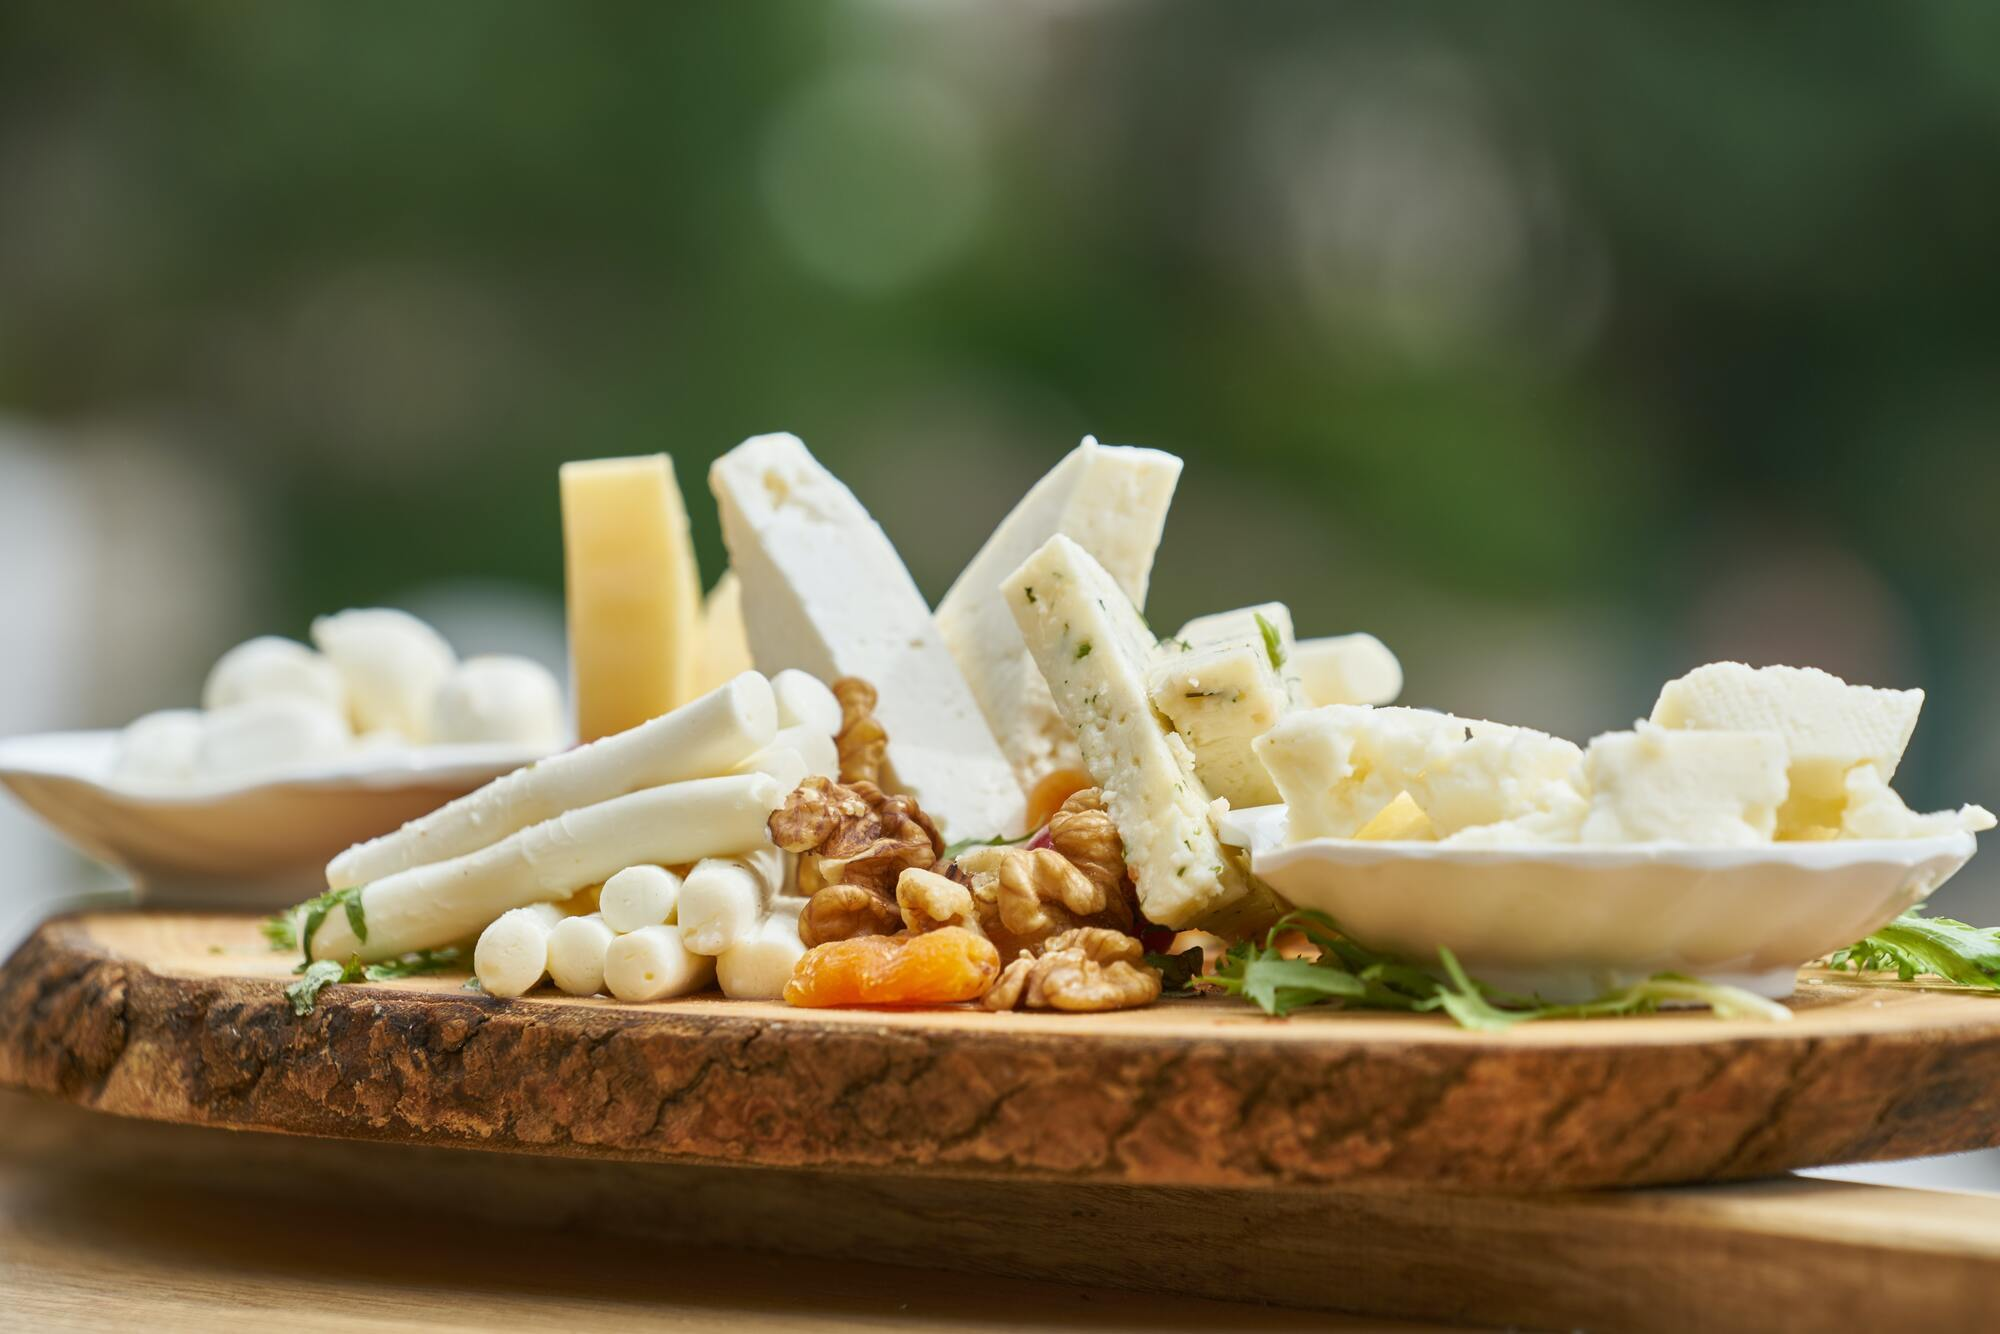 Сьогодні в Грузії виробляють 14 видів сиру, зокрема і сулугуні та гострий кобийский